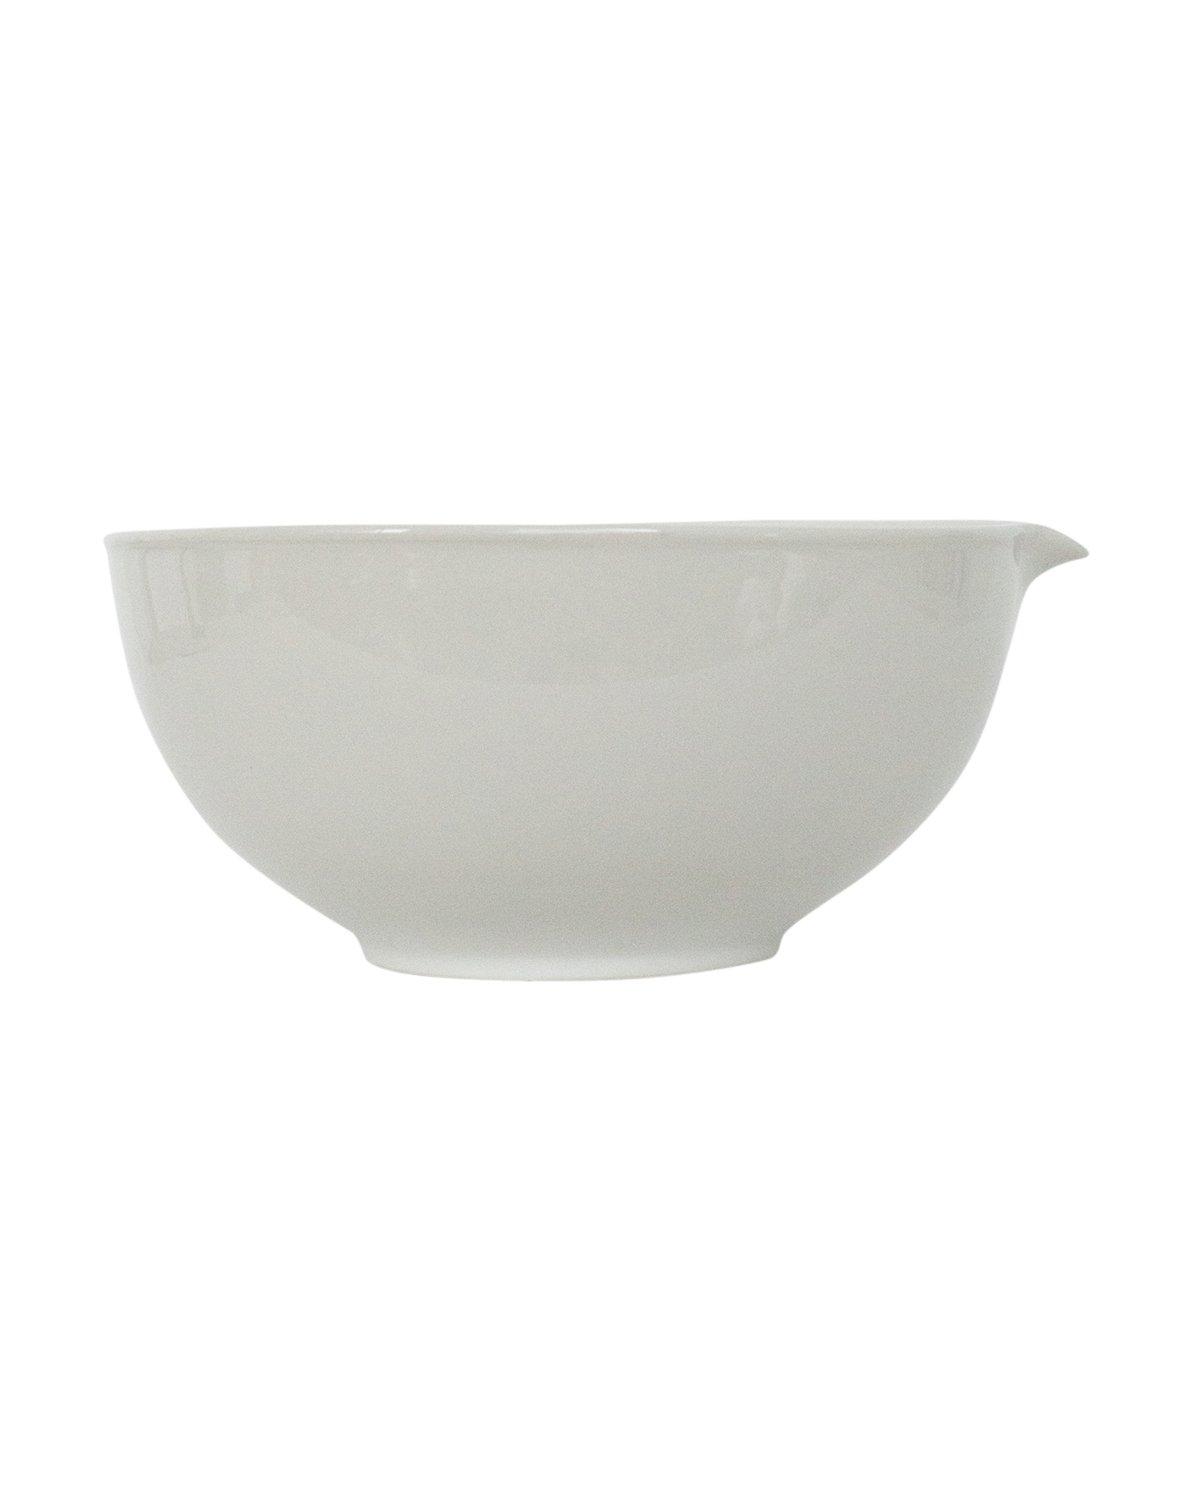 Antique_White_Batter_Bowl_1.jpg